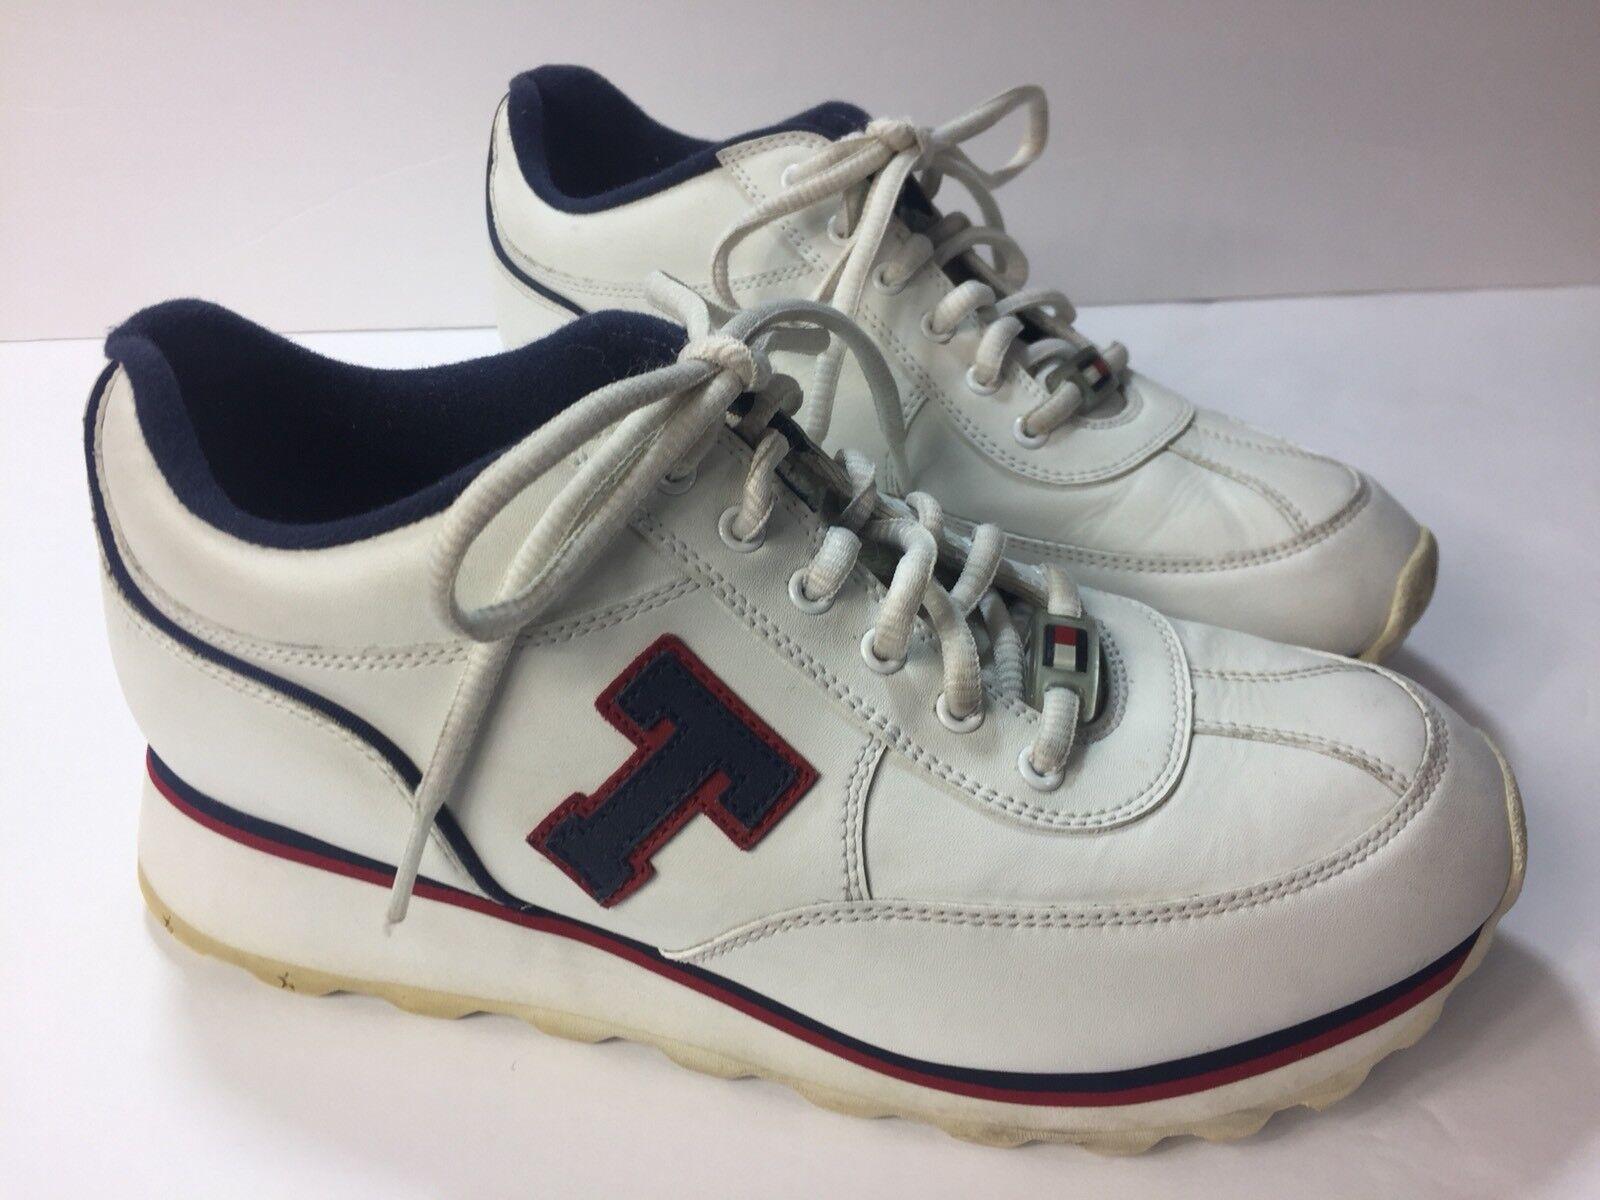 Tommy Hilfiger Sneakers Damenschuhe Sz 9 Vintage Big T Leder Farbe Block Flag Logo